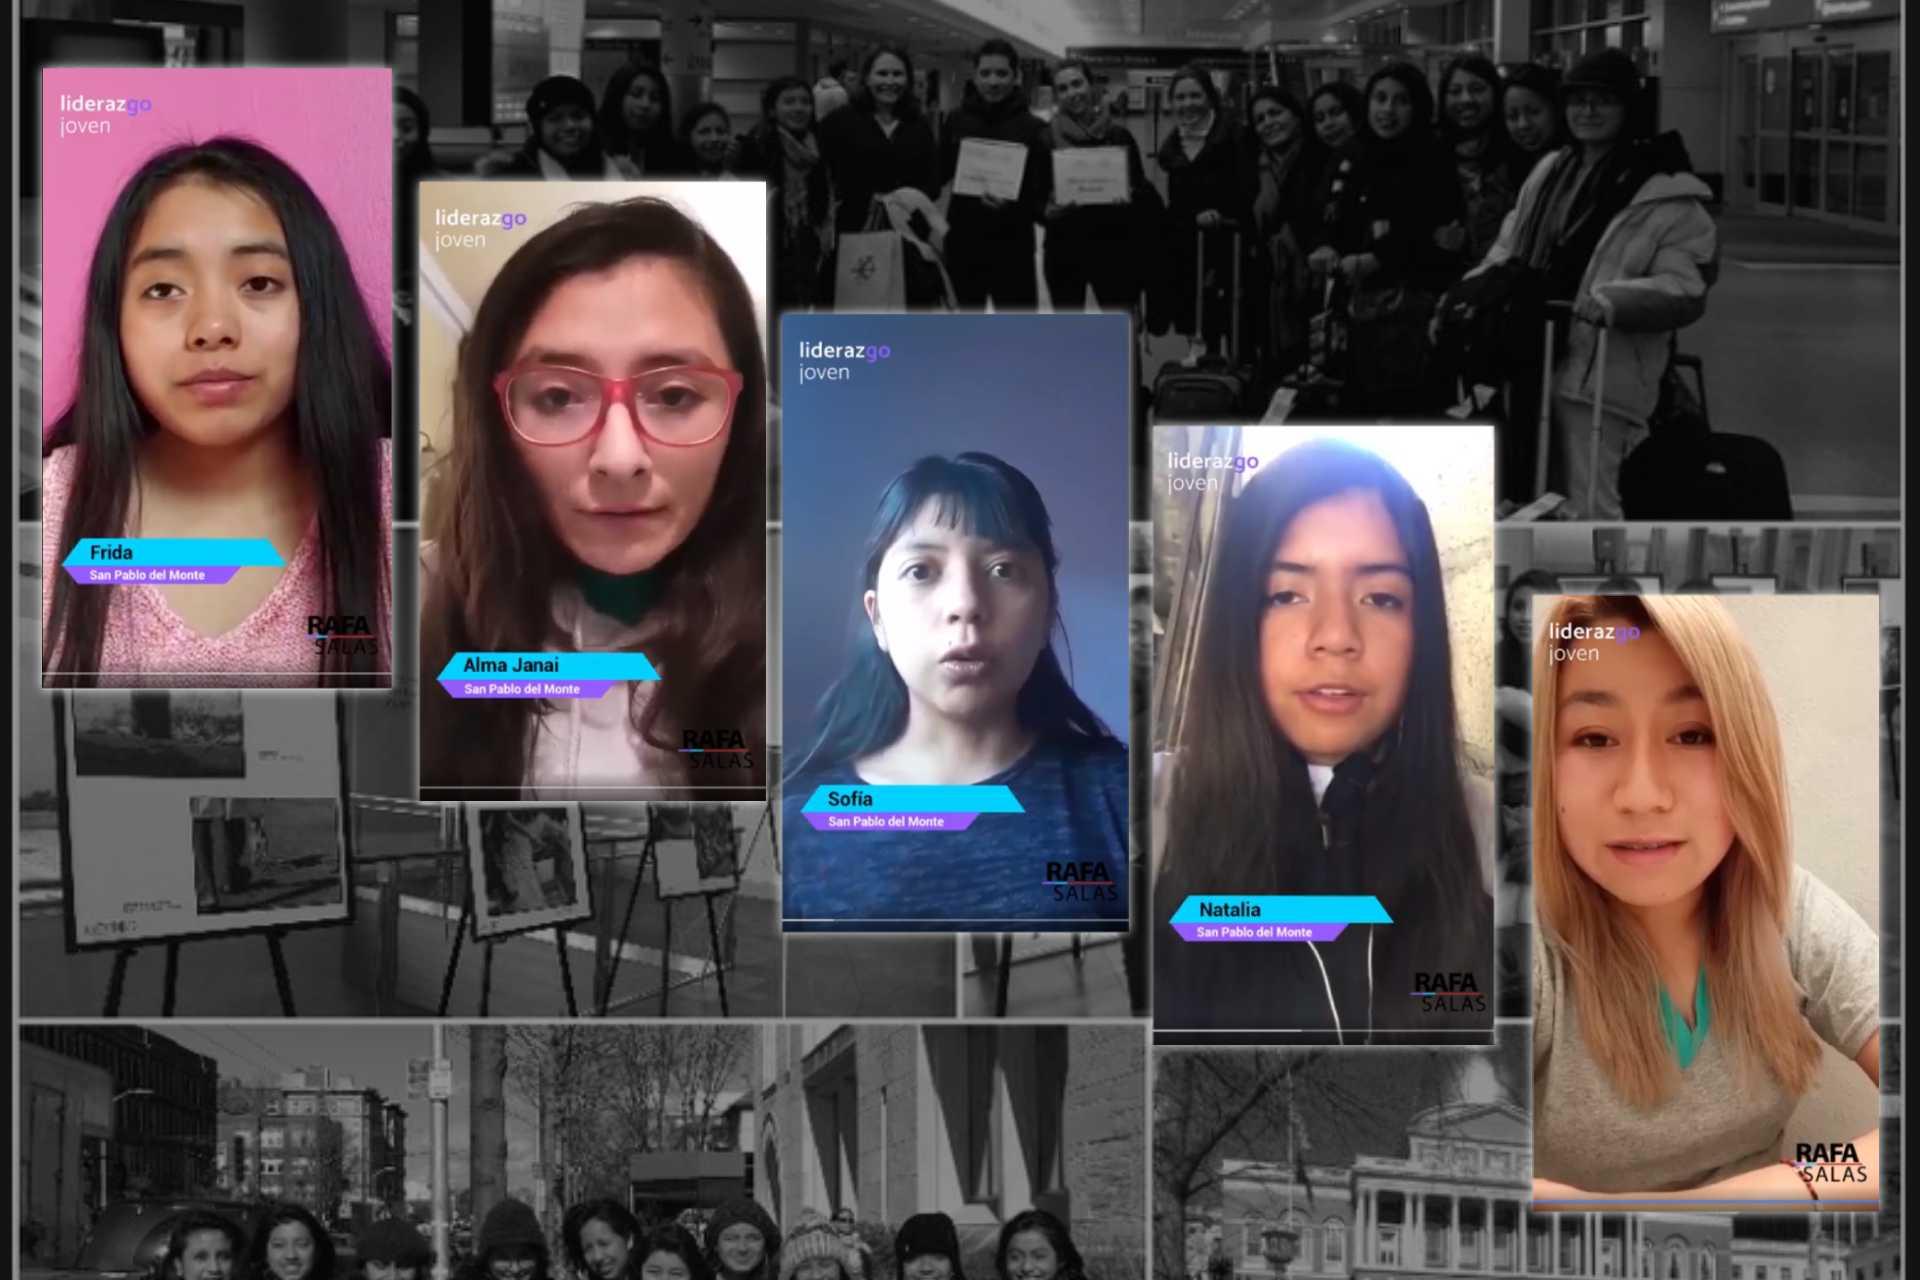 Mujeres-Harvard-Tlaxcala-fotografías-San Pablo del Monte-liderazgo joven-Rafa Salas-Rafael Salas-Morena-Distrito II-Tlaxcala